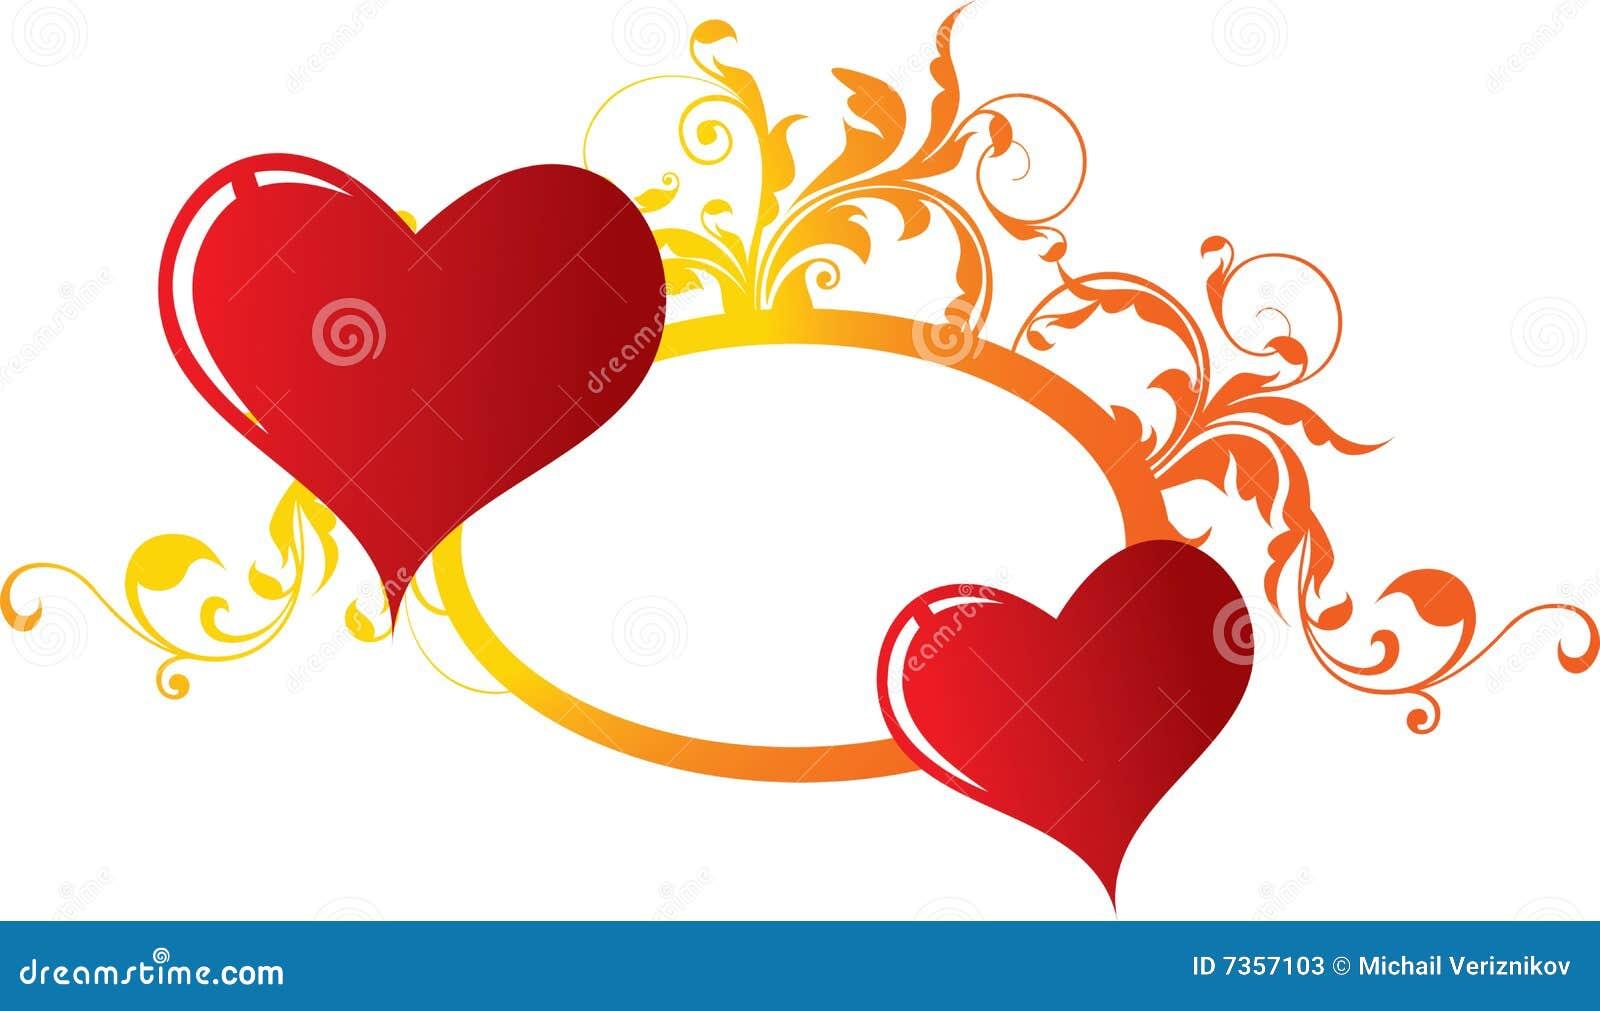 Coeurs amoureux deux photos stock image 7357103 - Coeurs amoureux ...